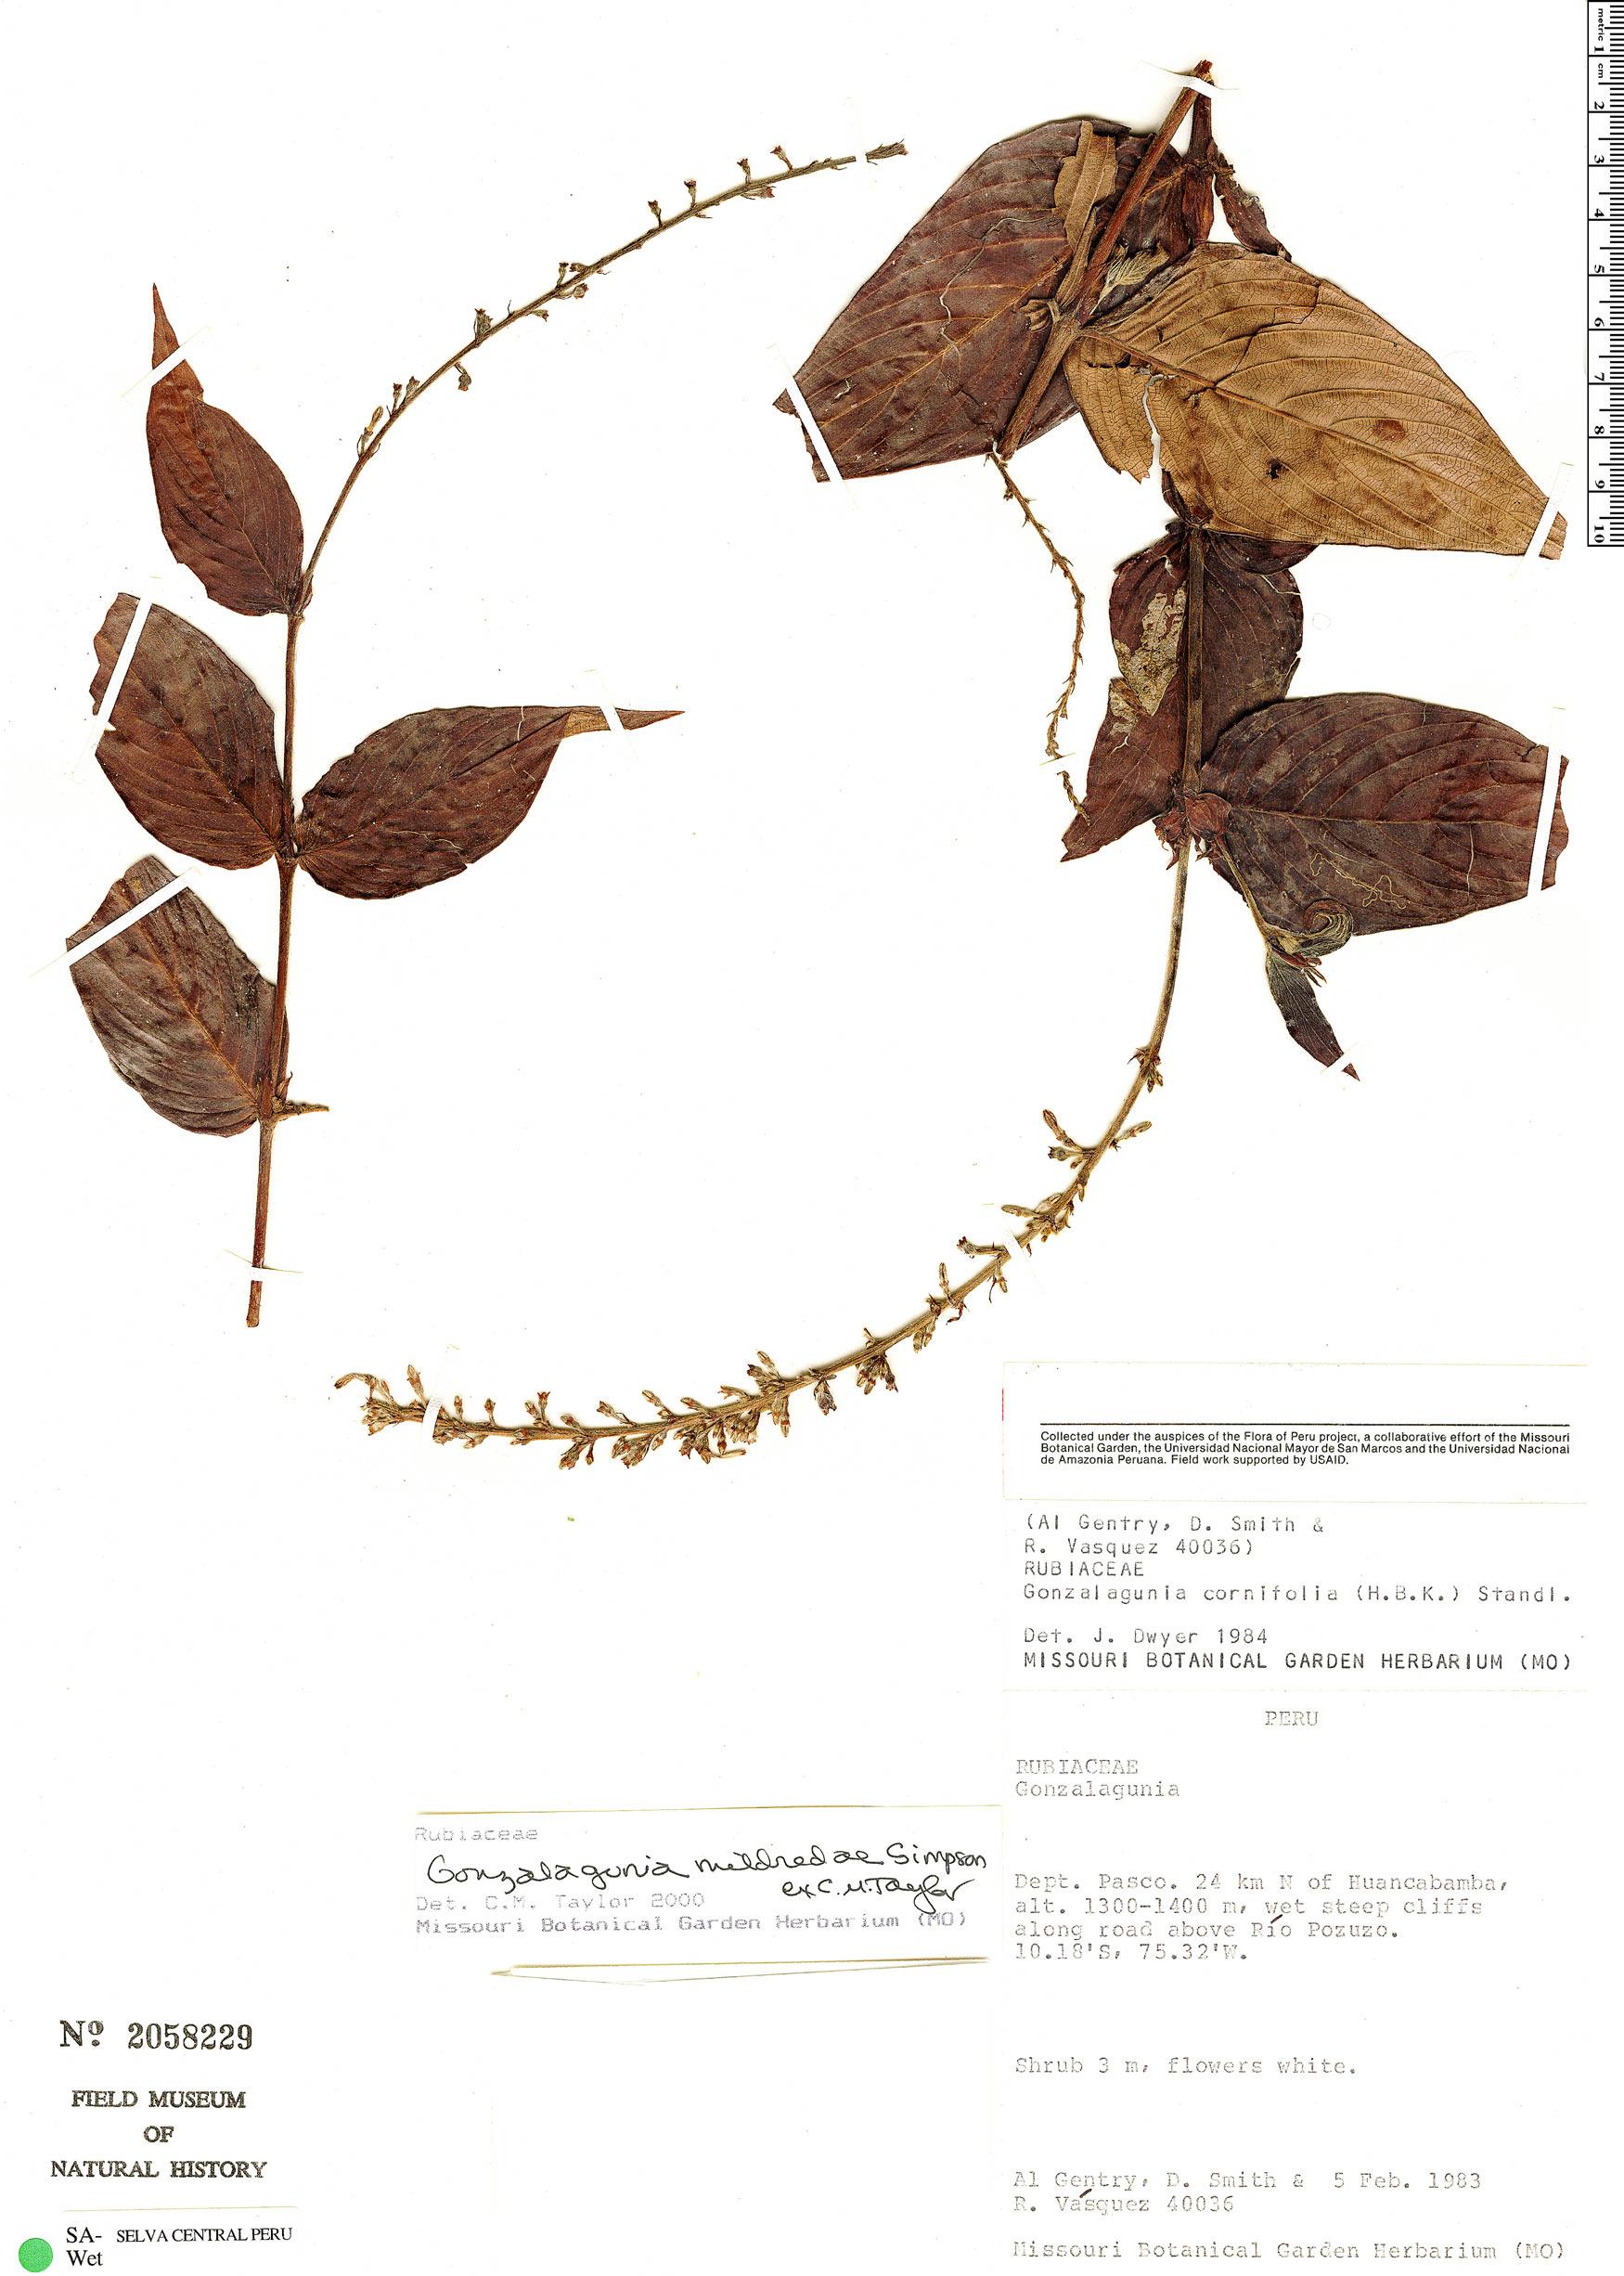 Specimen: Gonzalagunia mildrediae